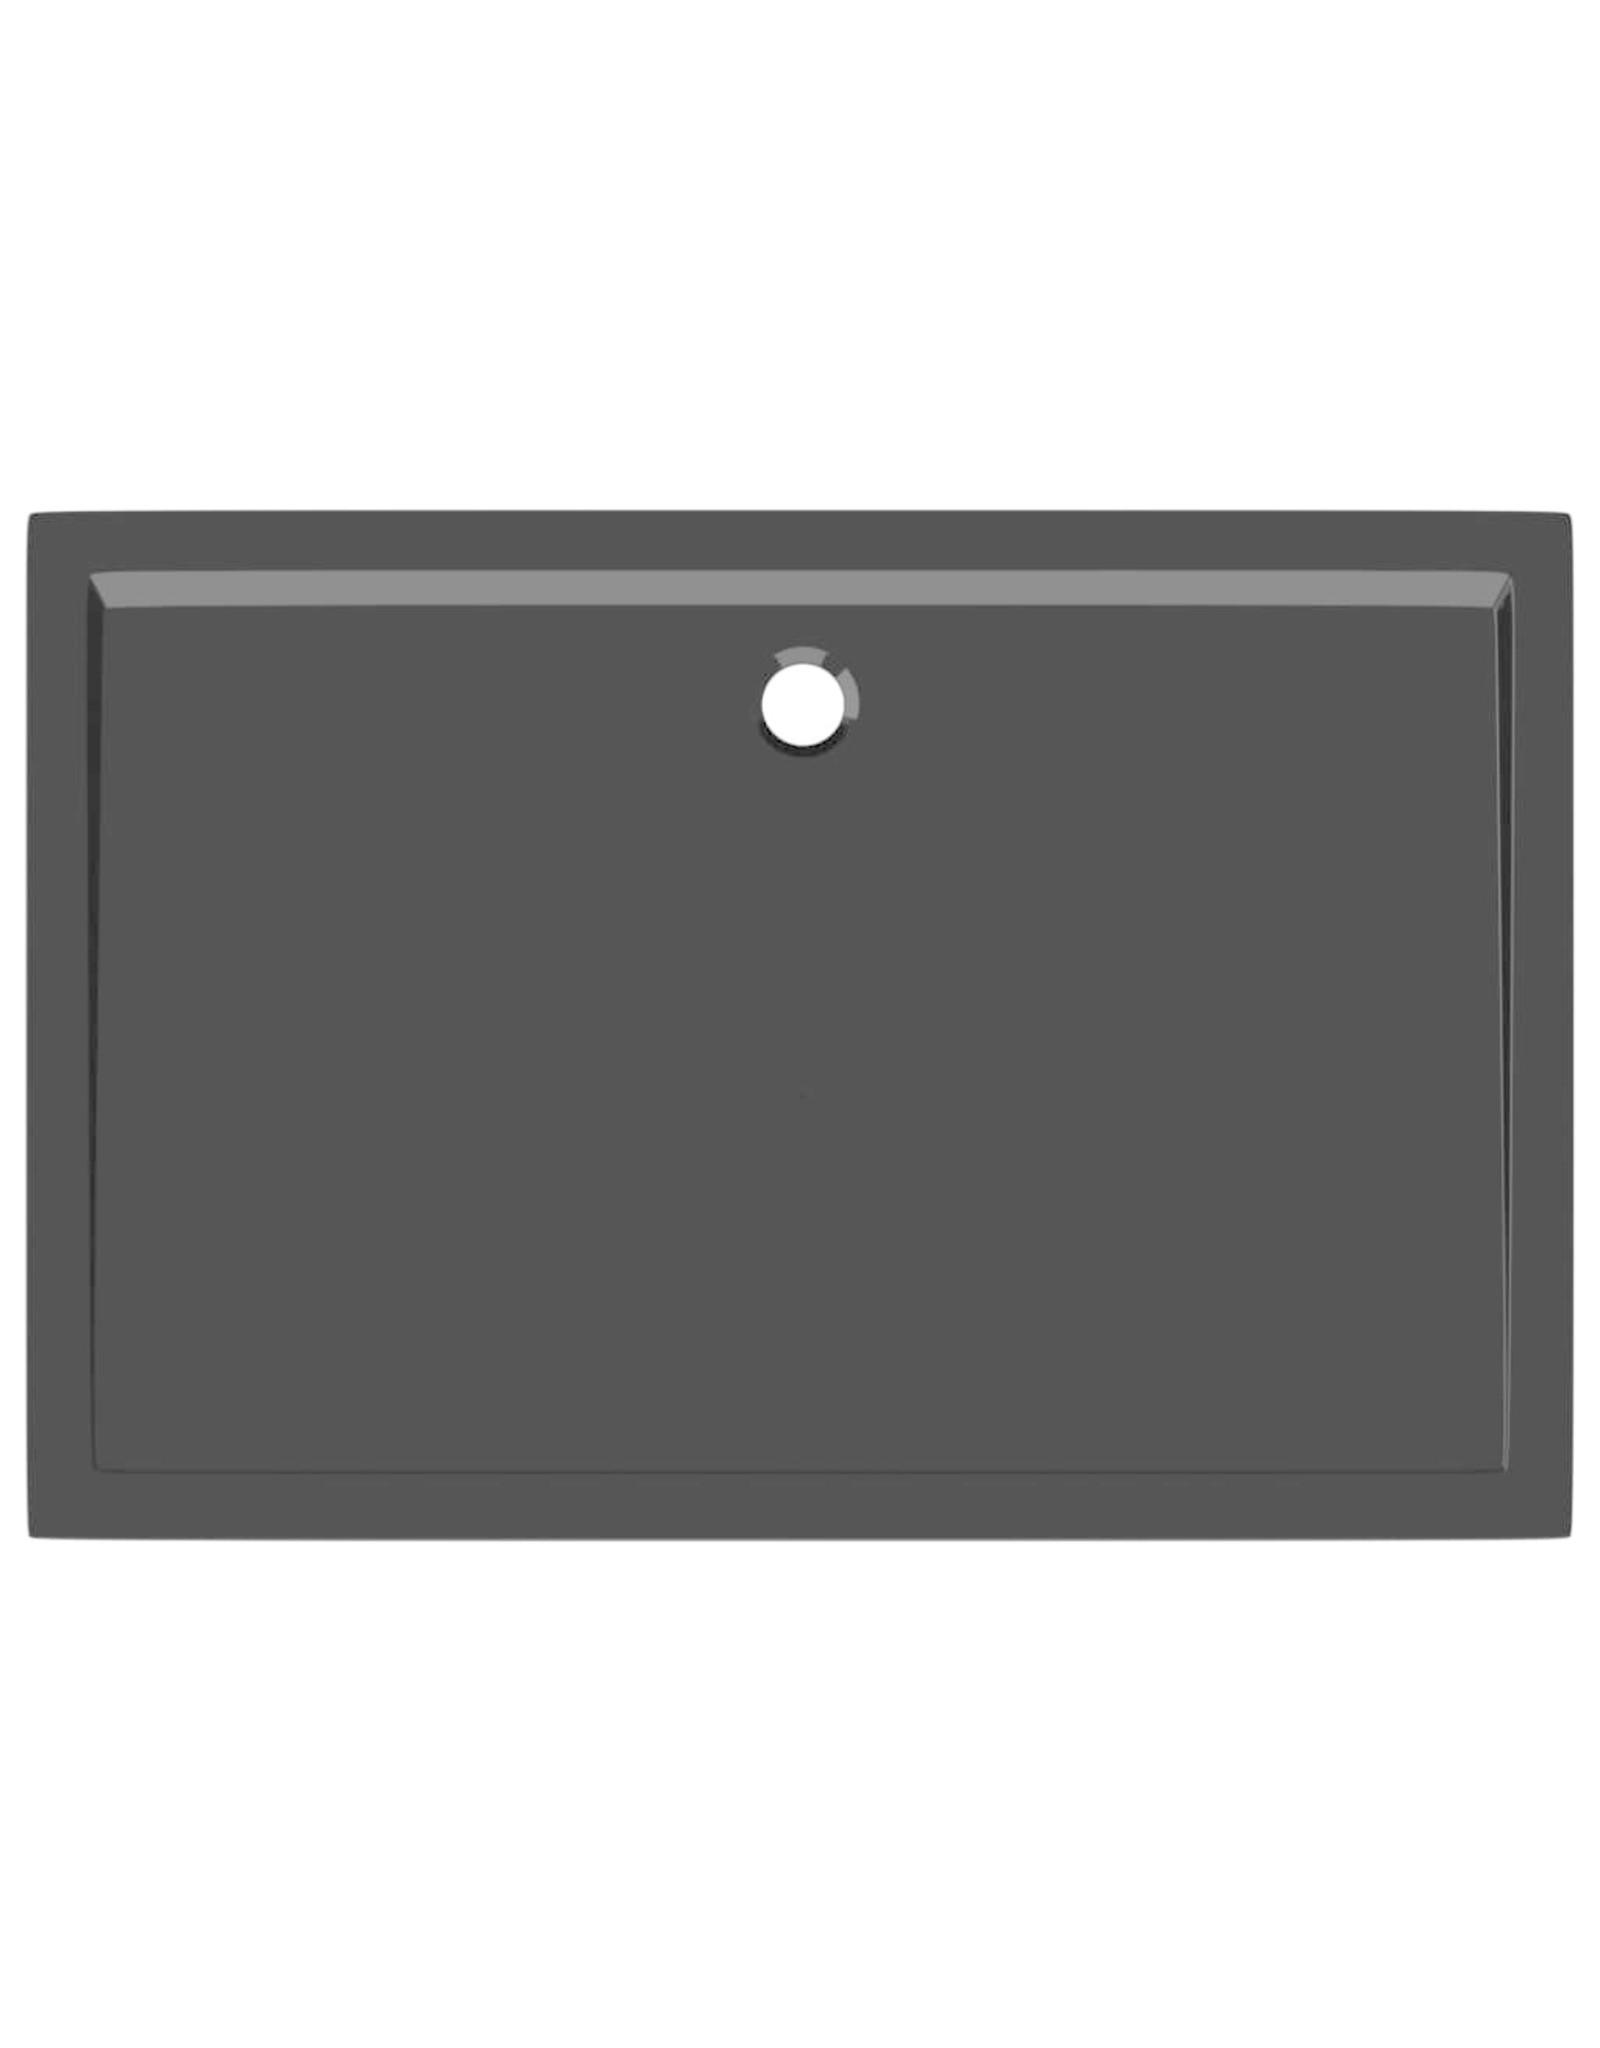 Douchebak rechthoekig 80x120 cm ABS zwart